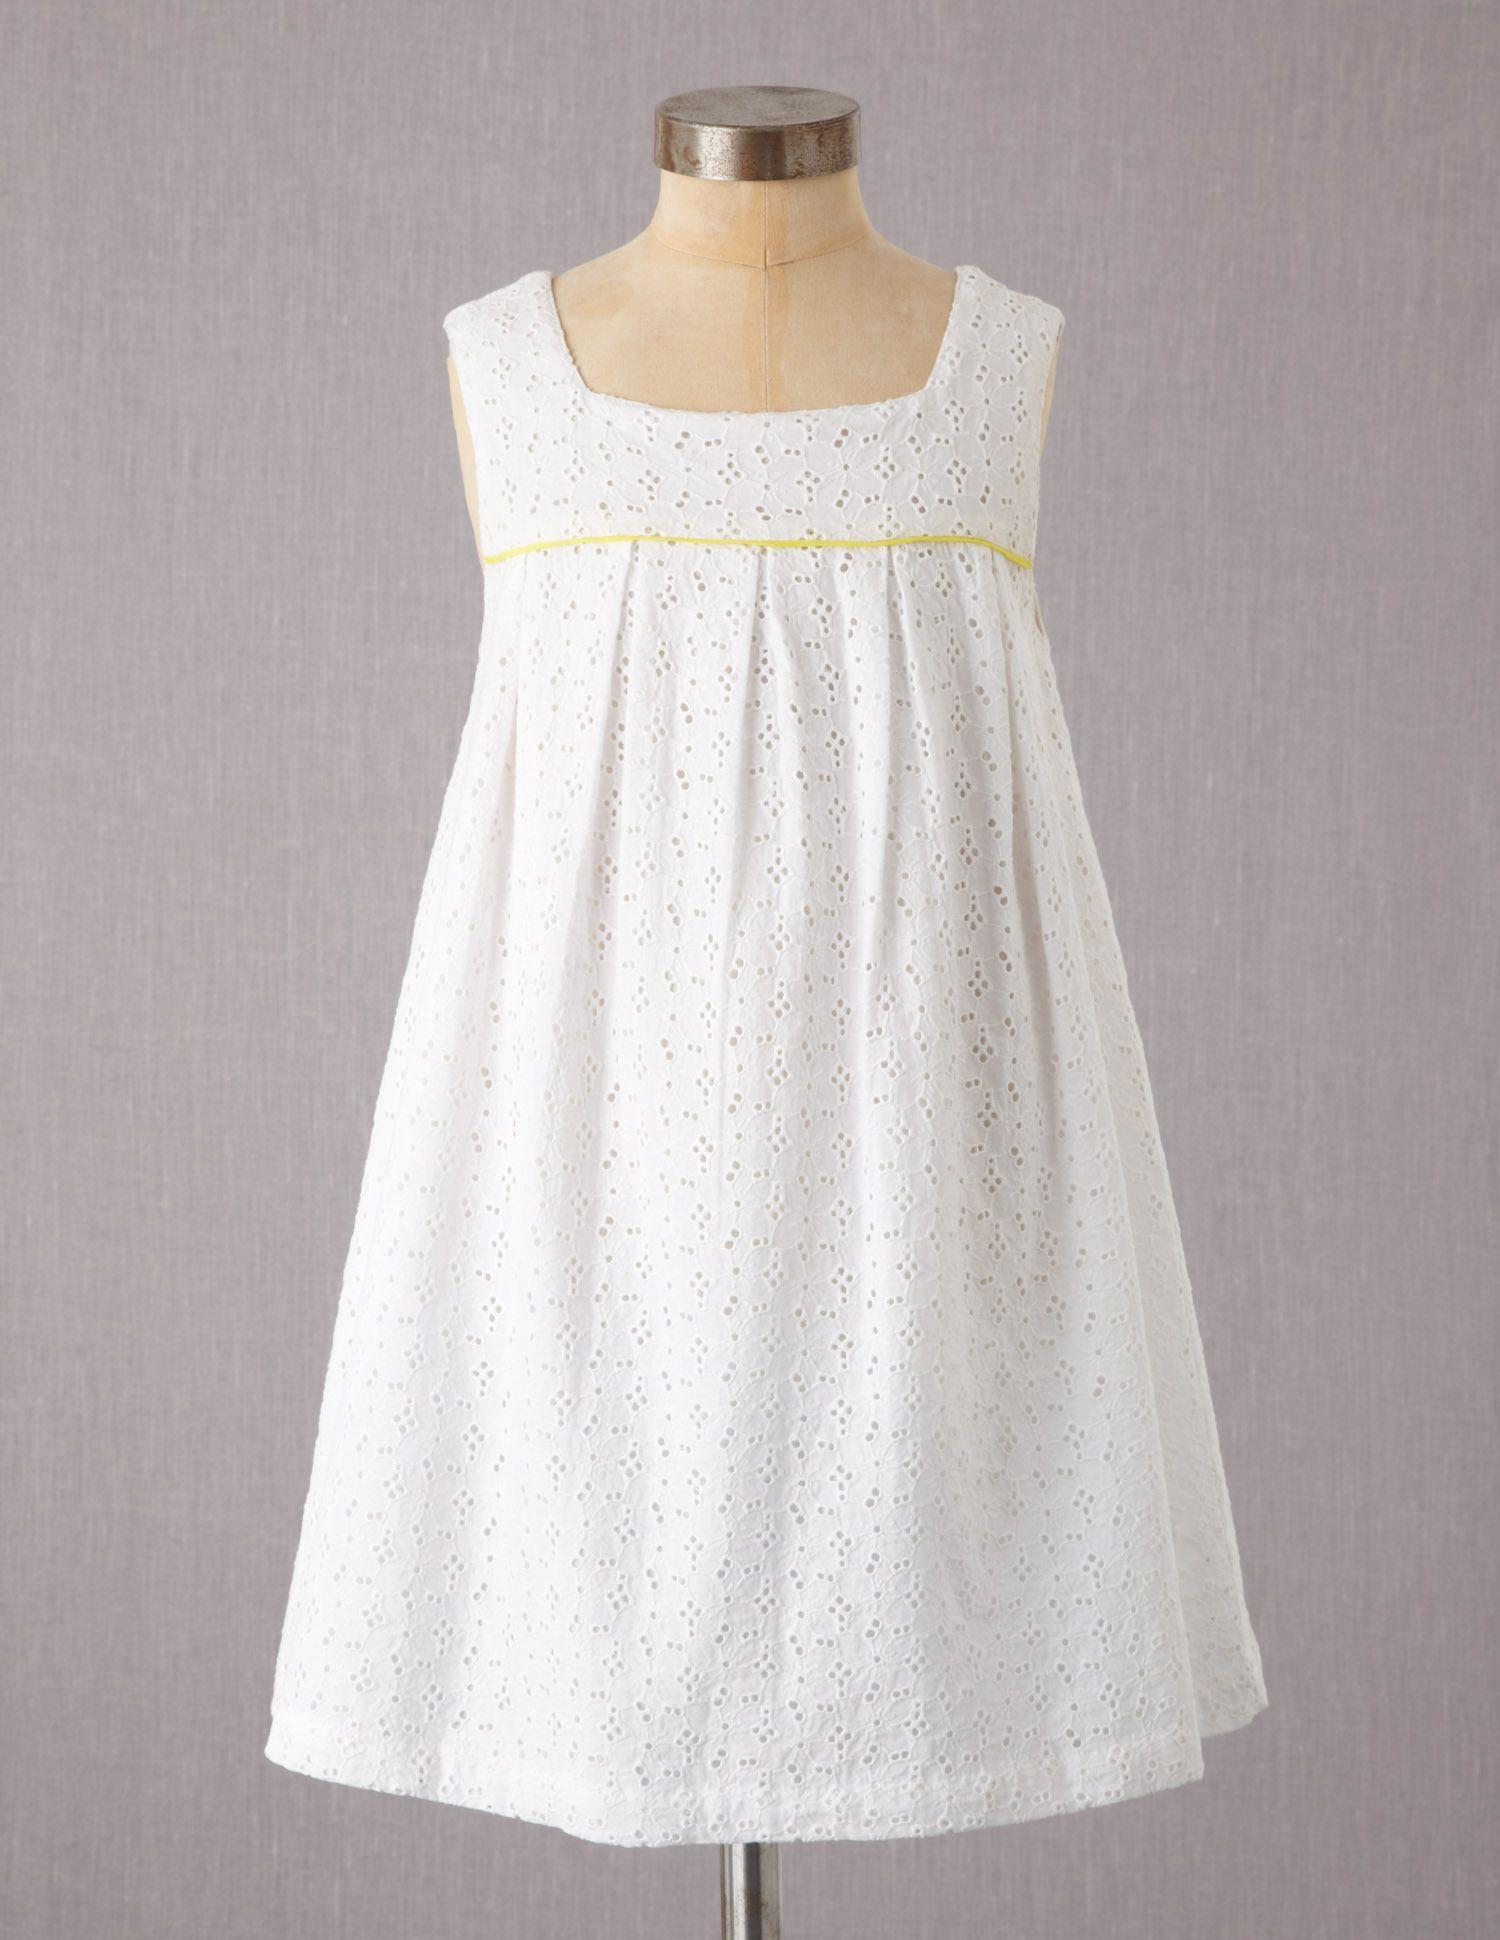 White summer dress for girls